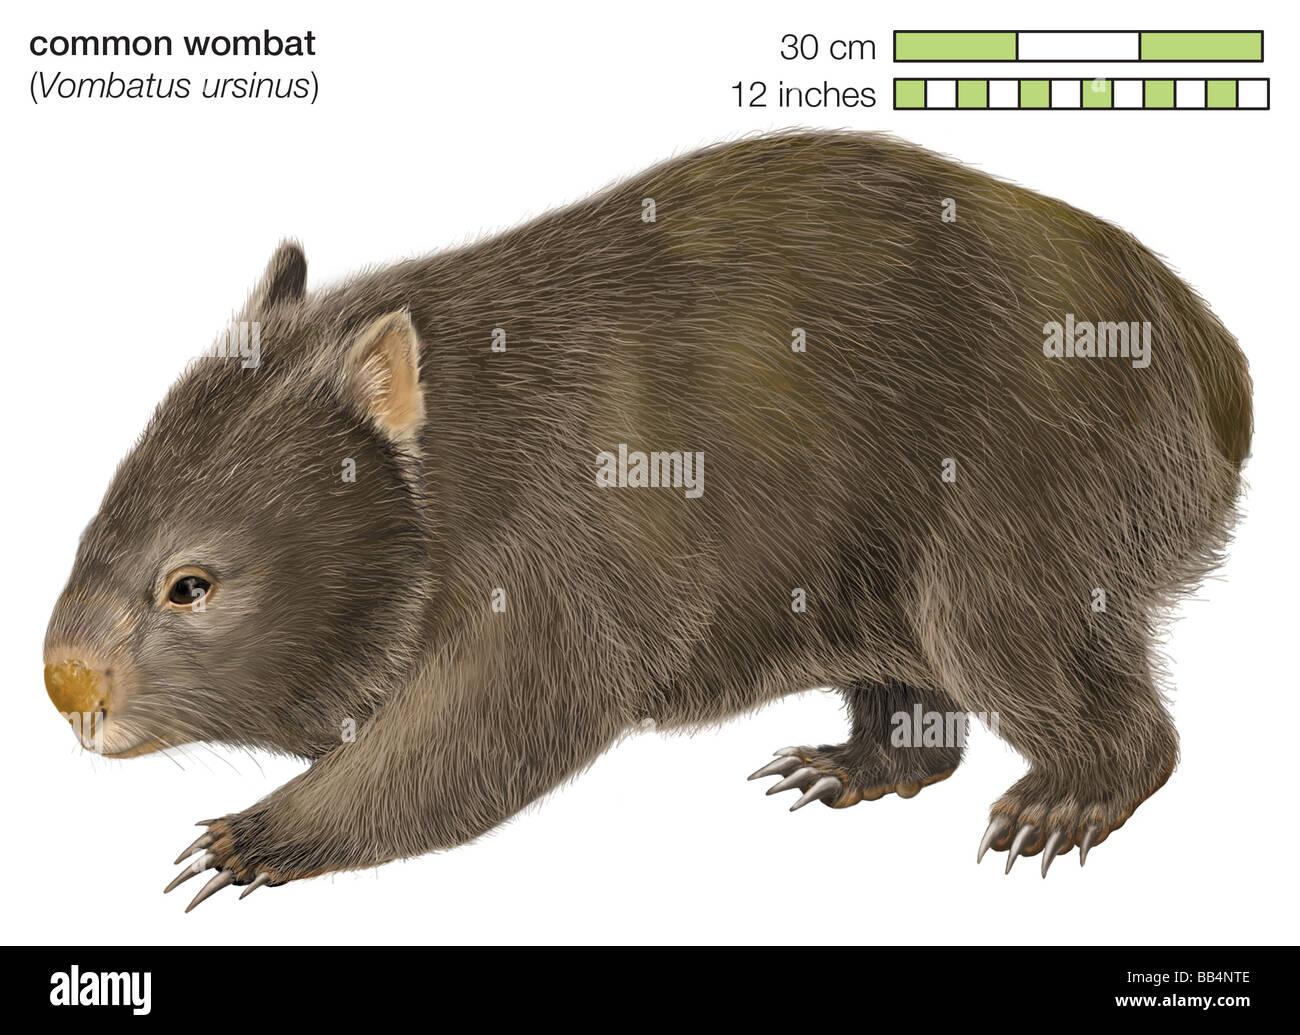 Wombat común (Vombatus ursinus) Imagen De Stock